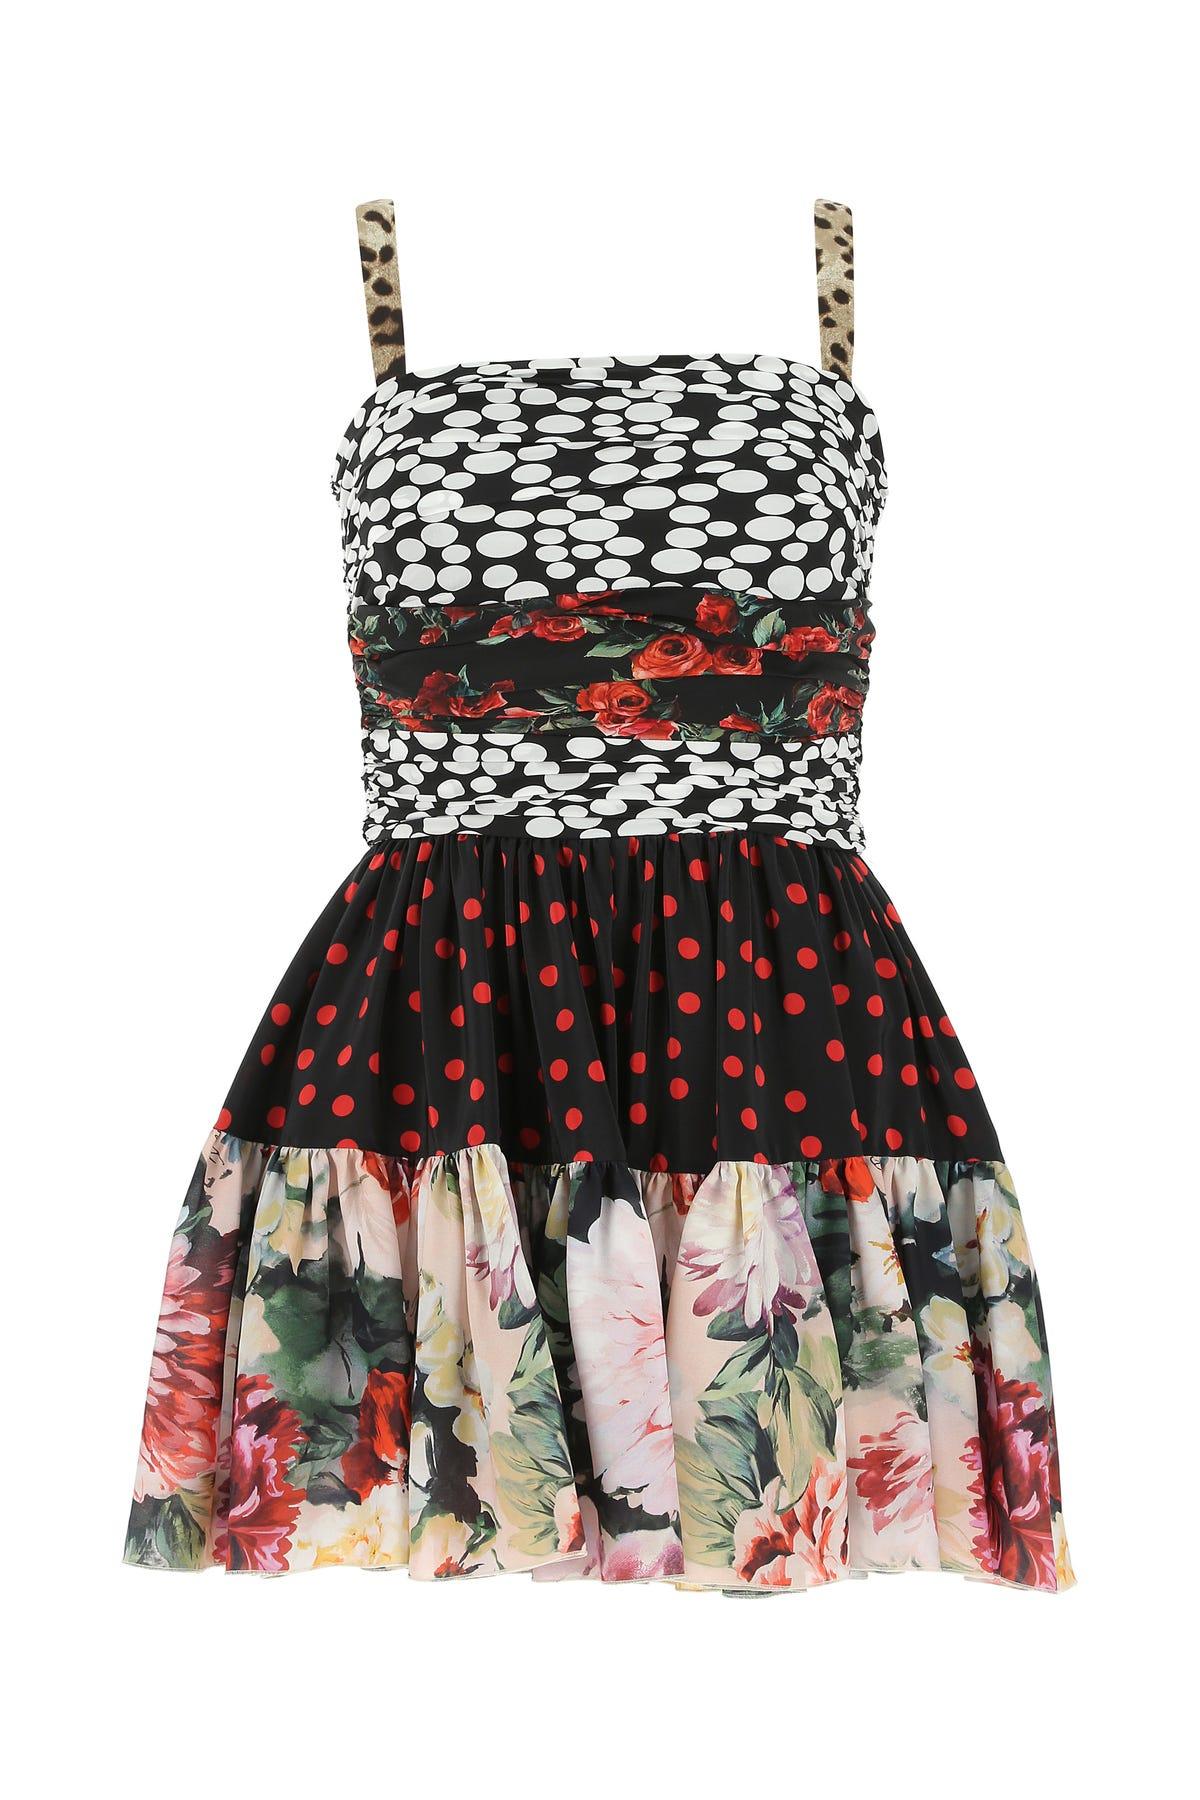 Dolce & Gabbana Printed Silk Dress  Printed Dolce & Gabbana Donna 42